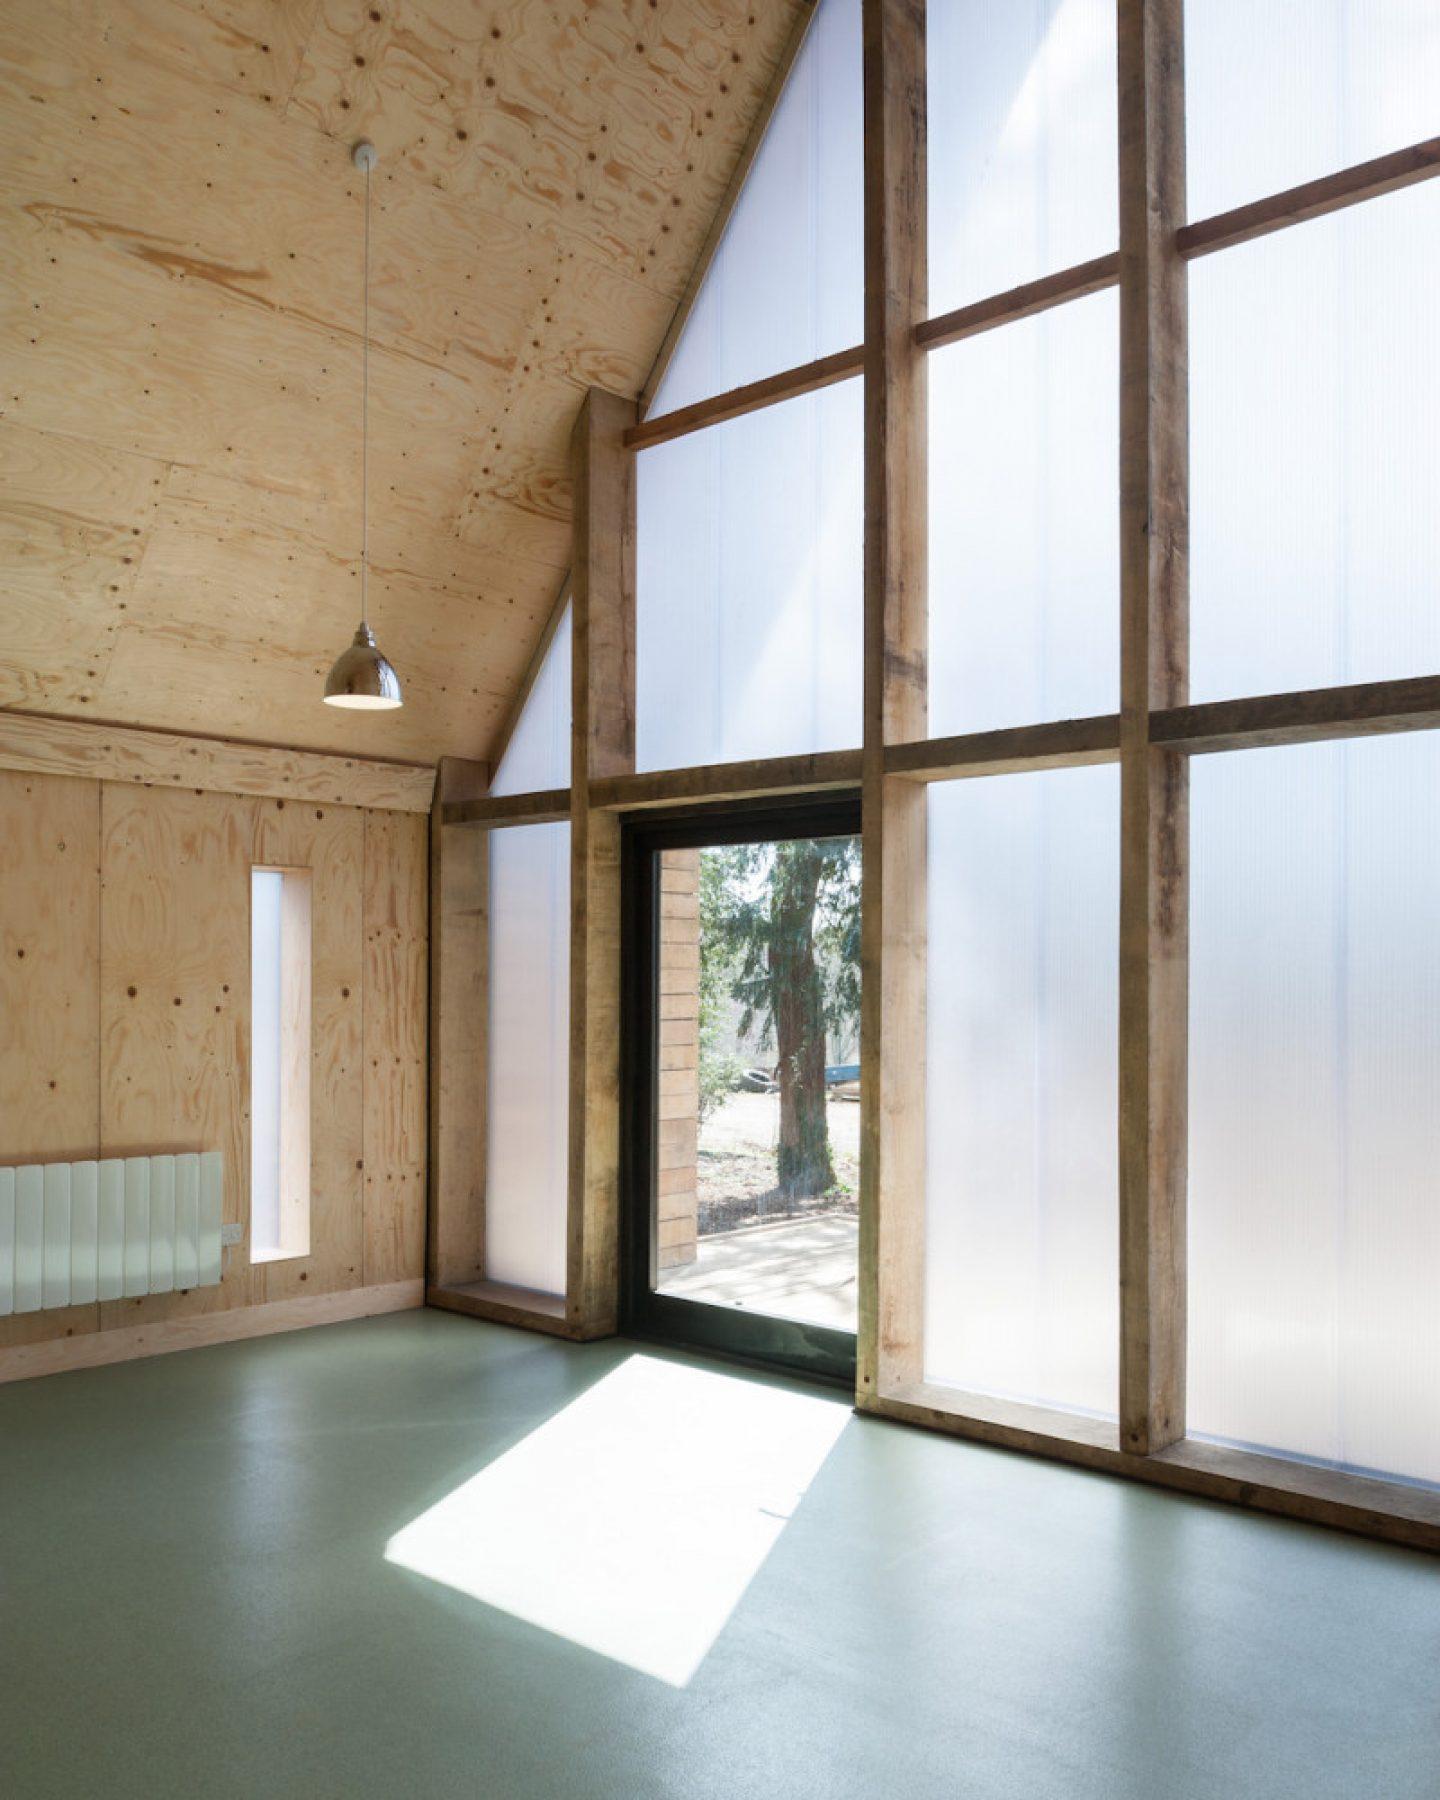 Invisible_Studio_Architecture_0120-0071